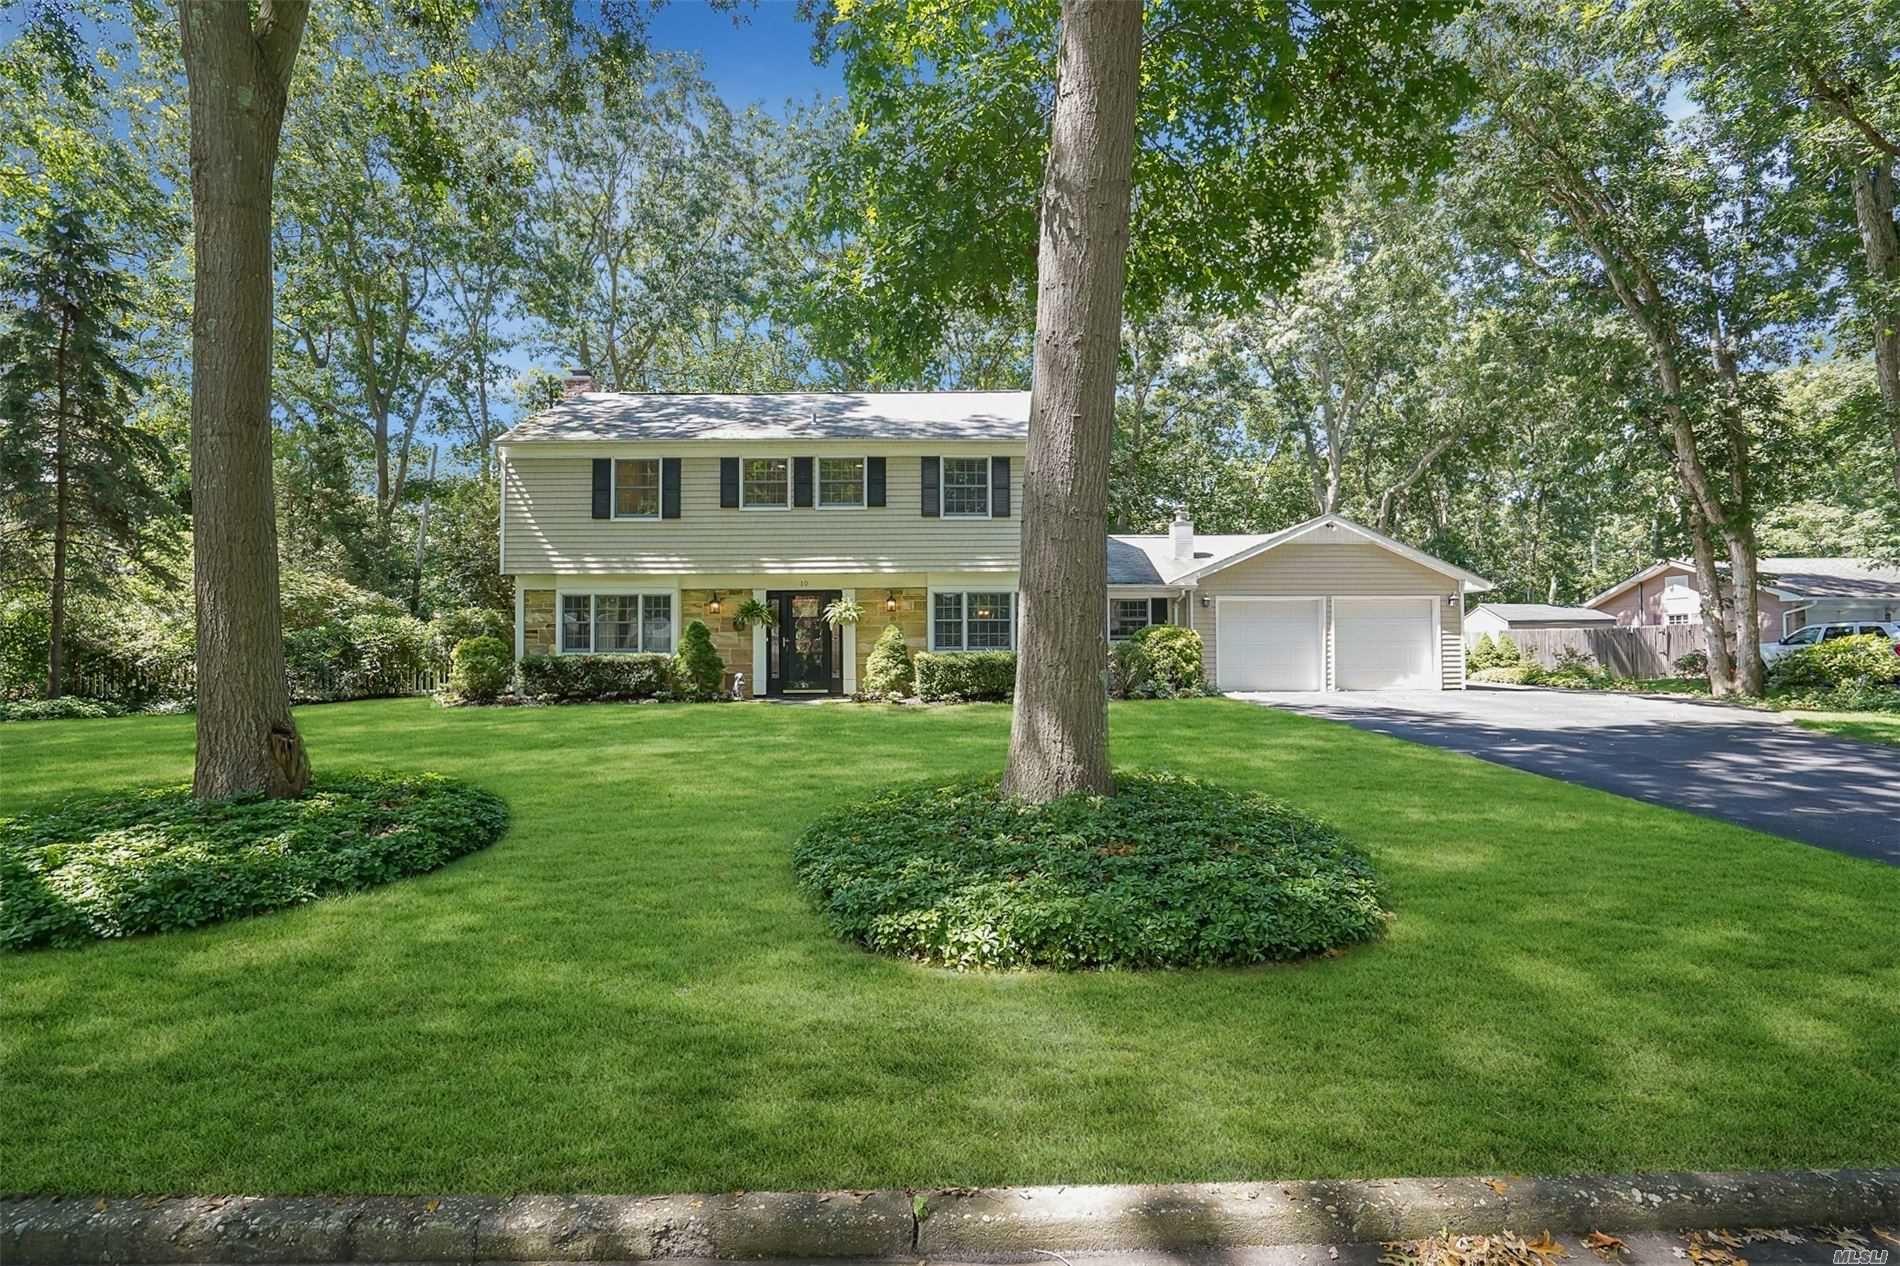 10 Seward Lane, Stony Brook, NY 11790 - MLS#: 3245543